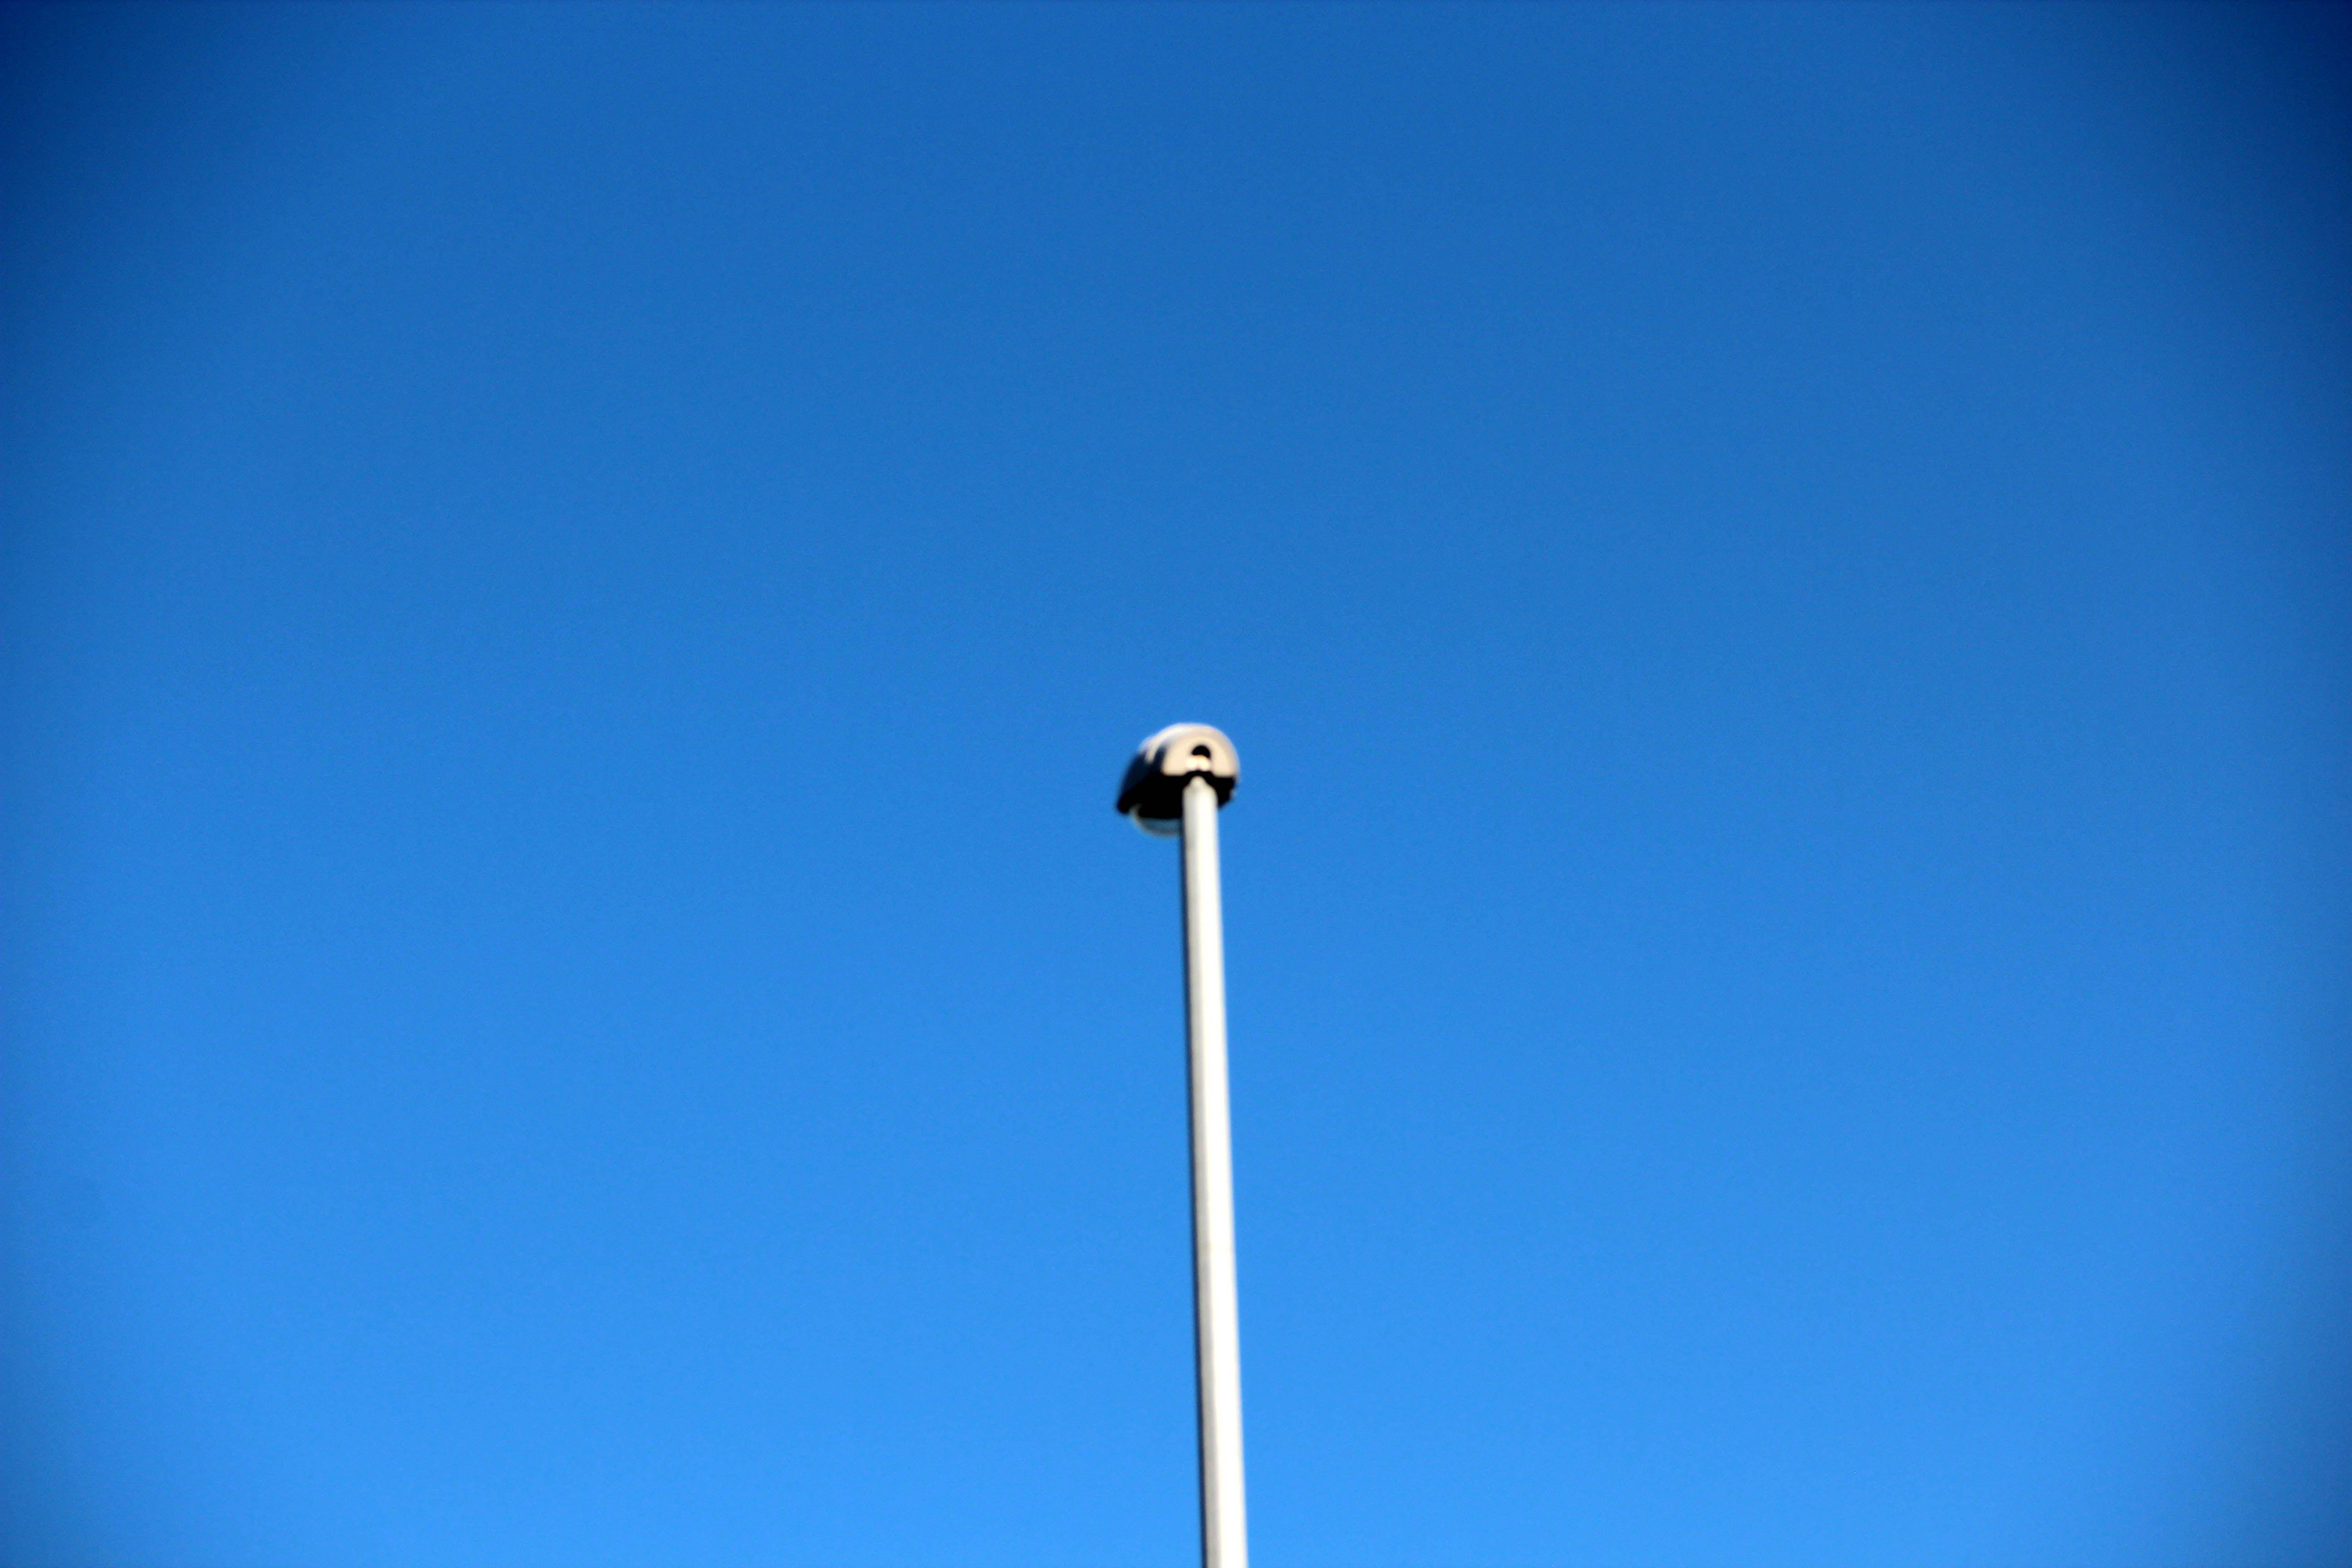 Fotografie van lijnen: Een verticale lijn die eindigt in een ovaalvormig object.